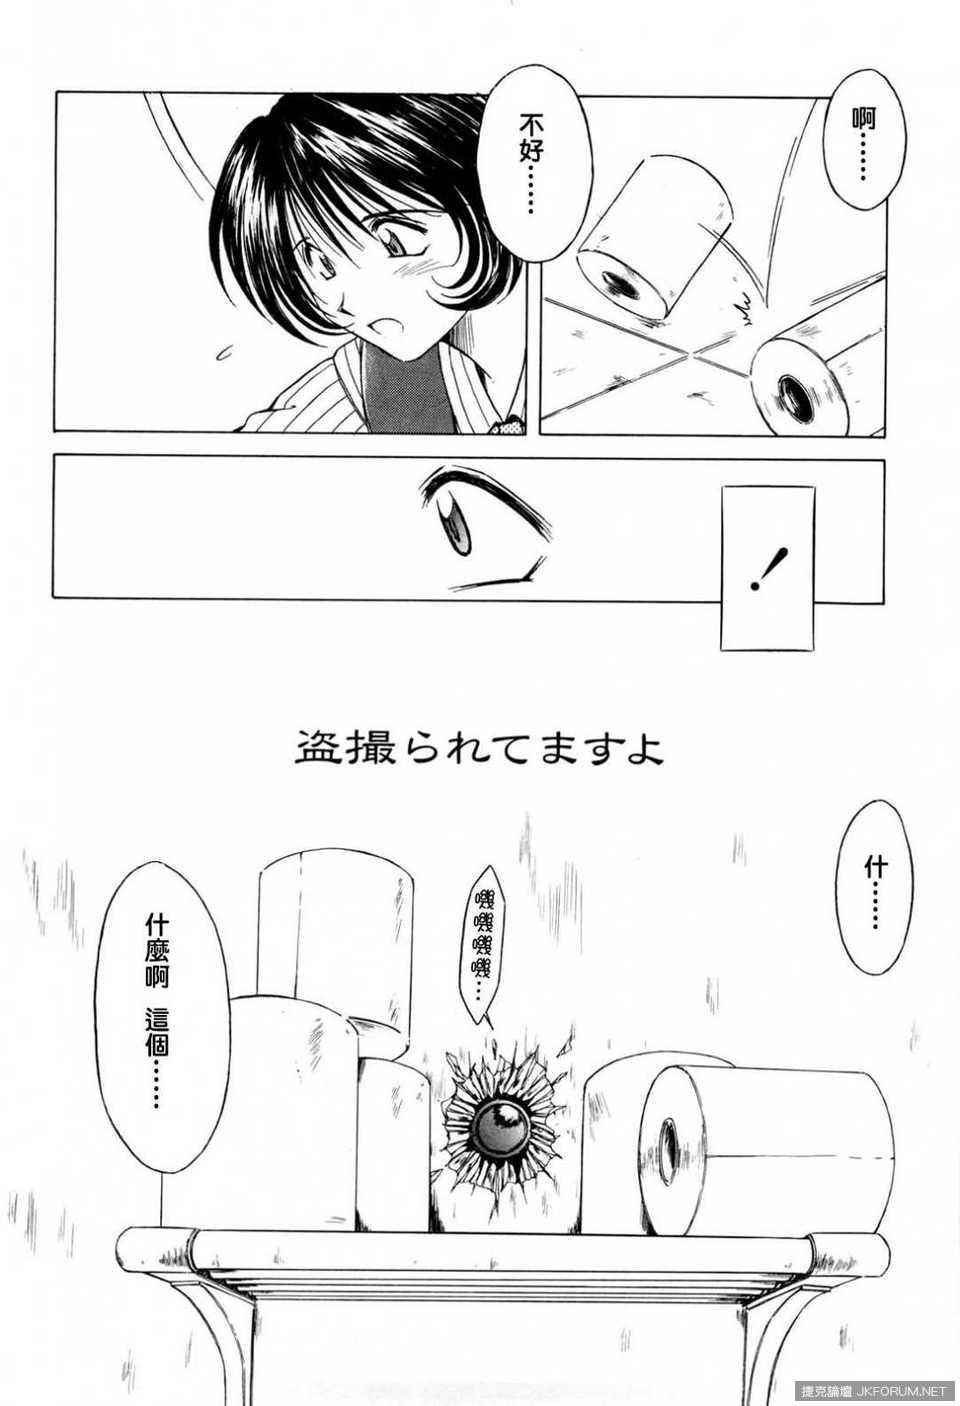 123_126.jpg